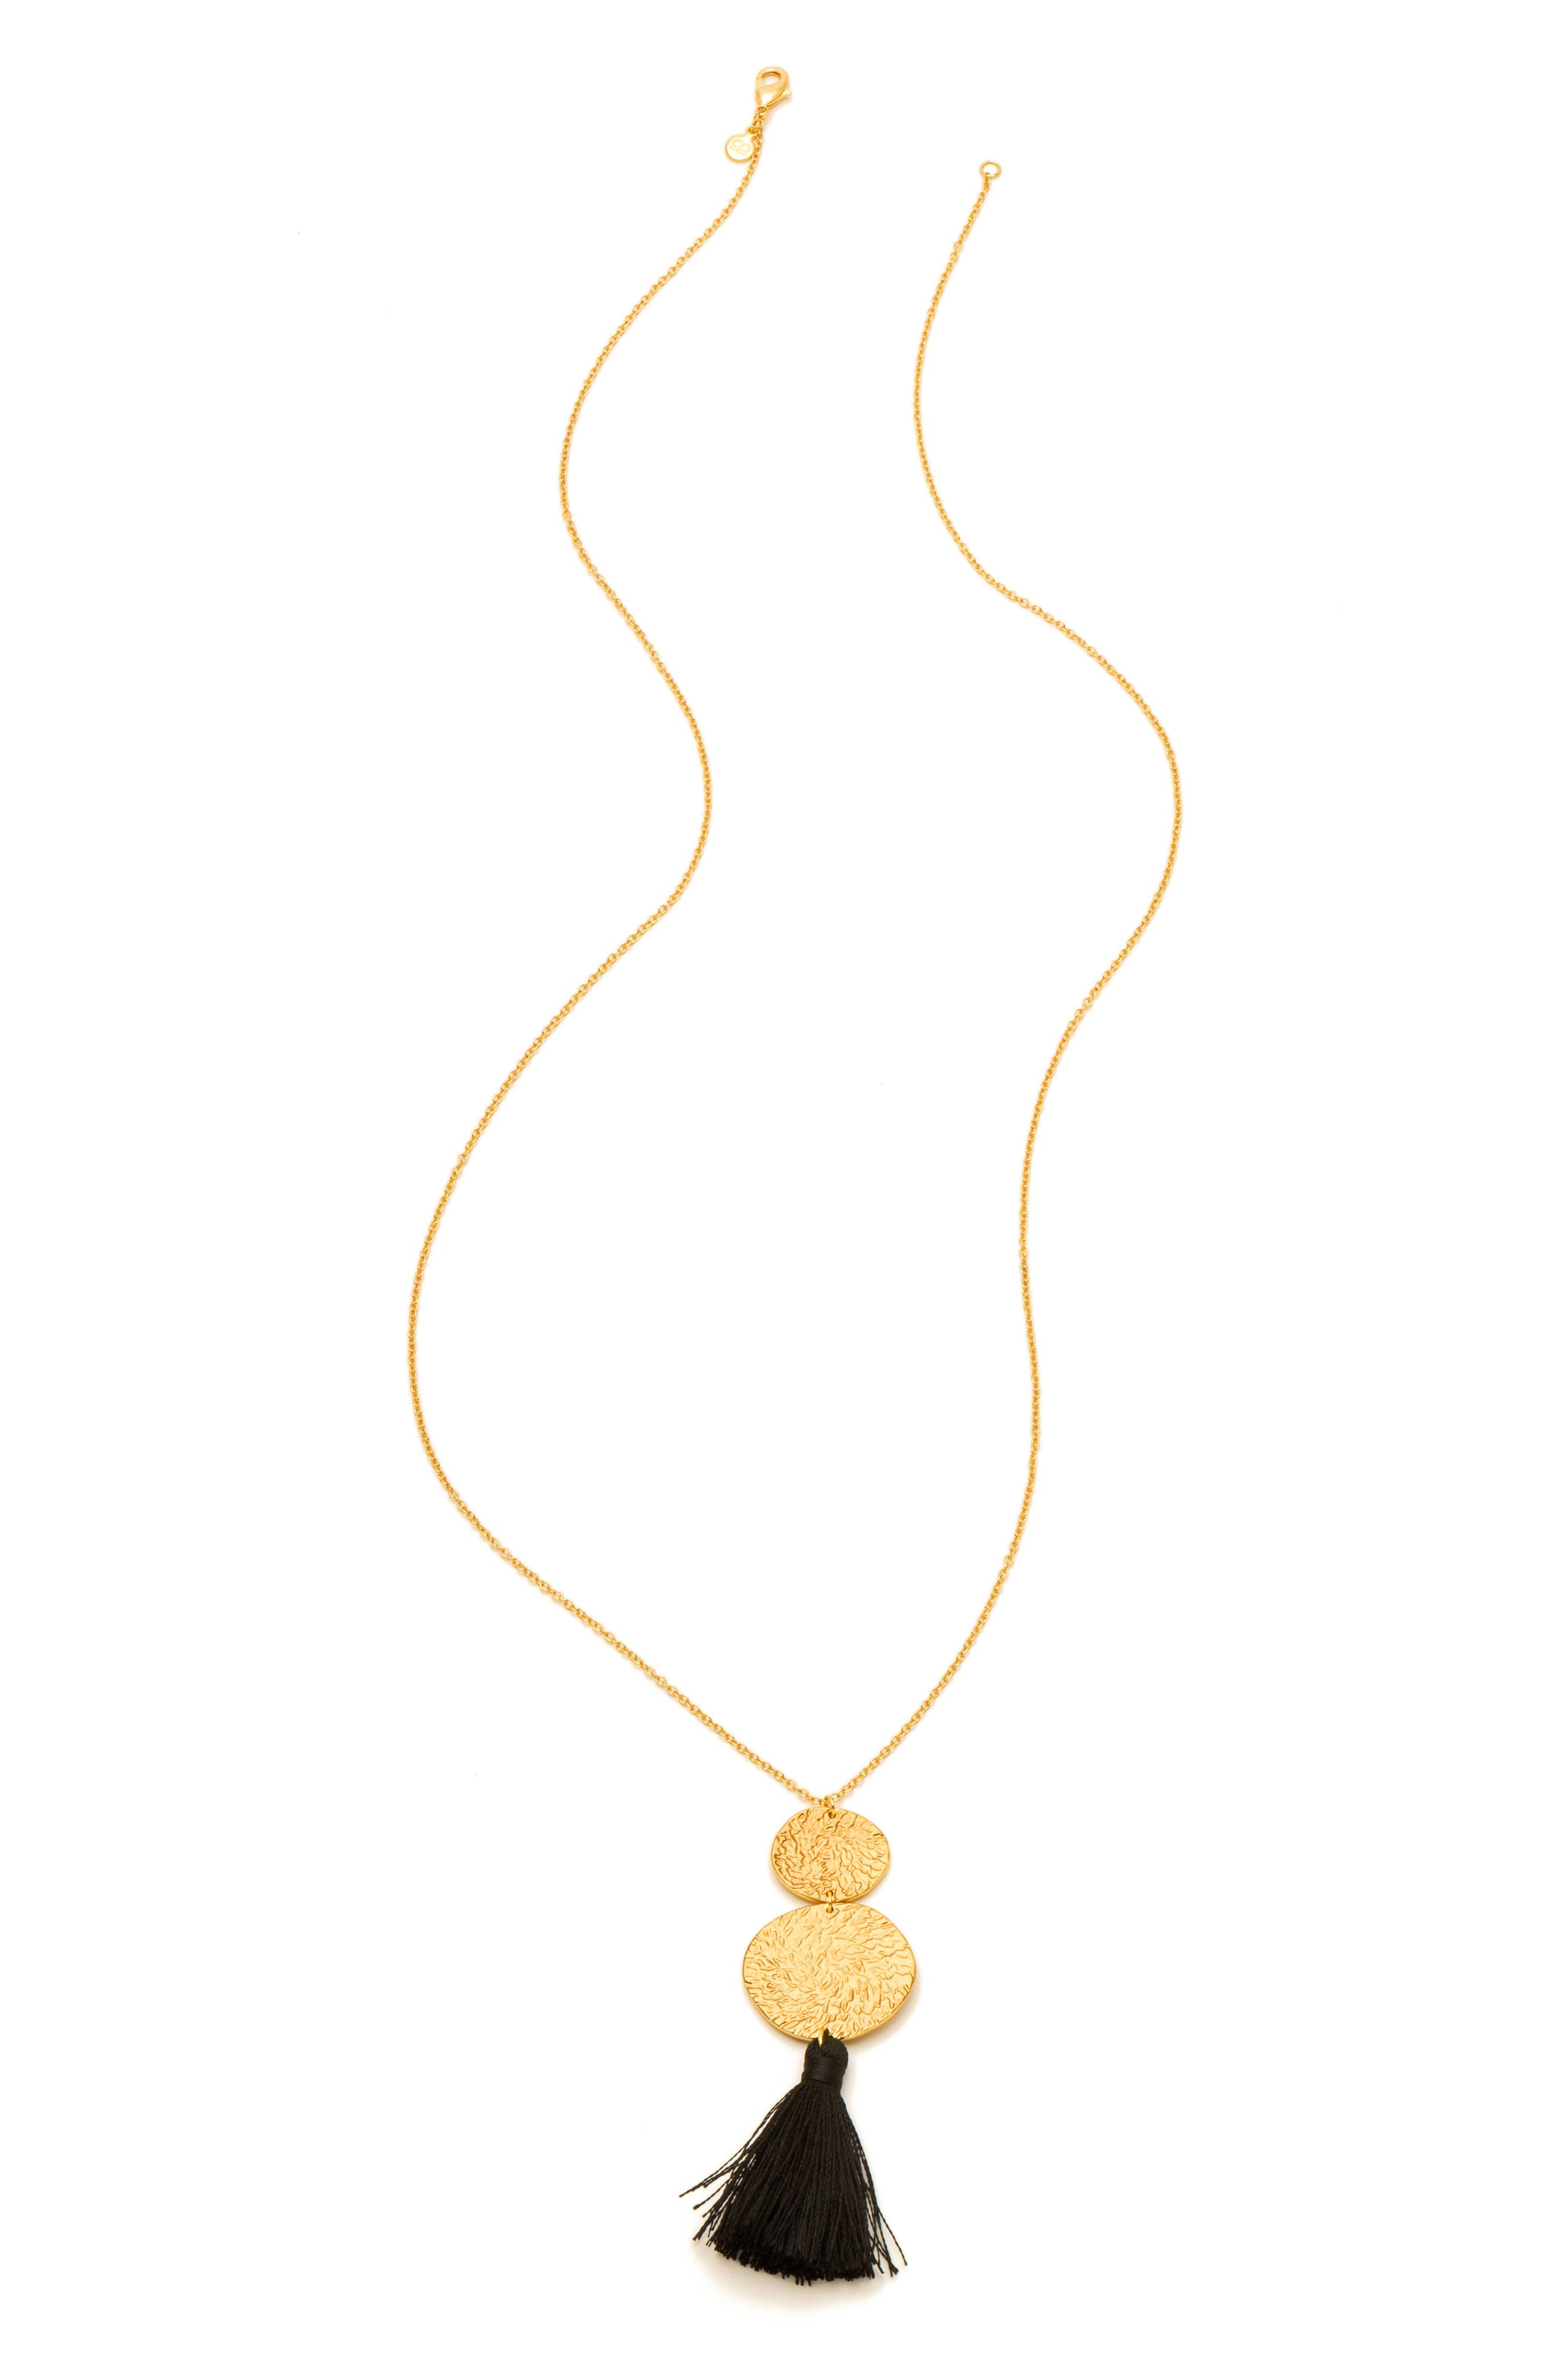 Phoenix Pendant Necklace,                             Main thumbnail 1, color,                             001